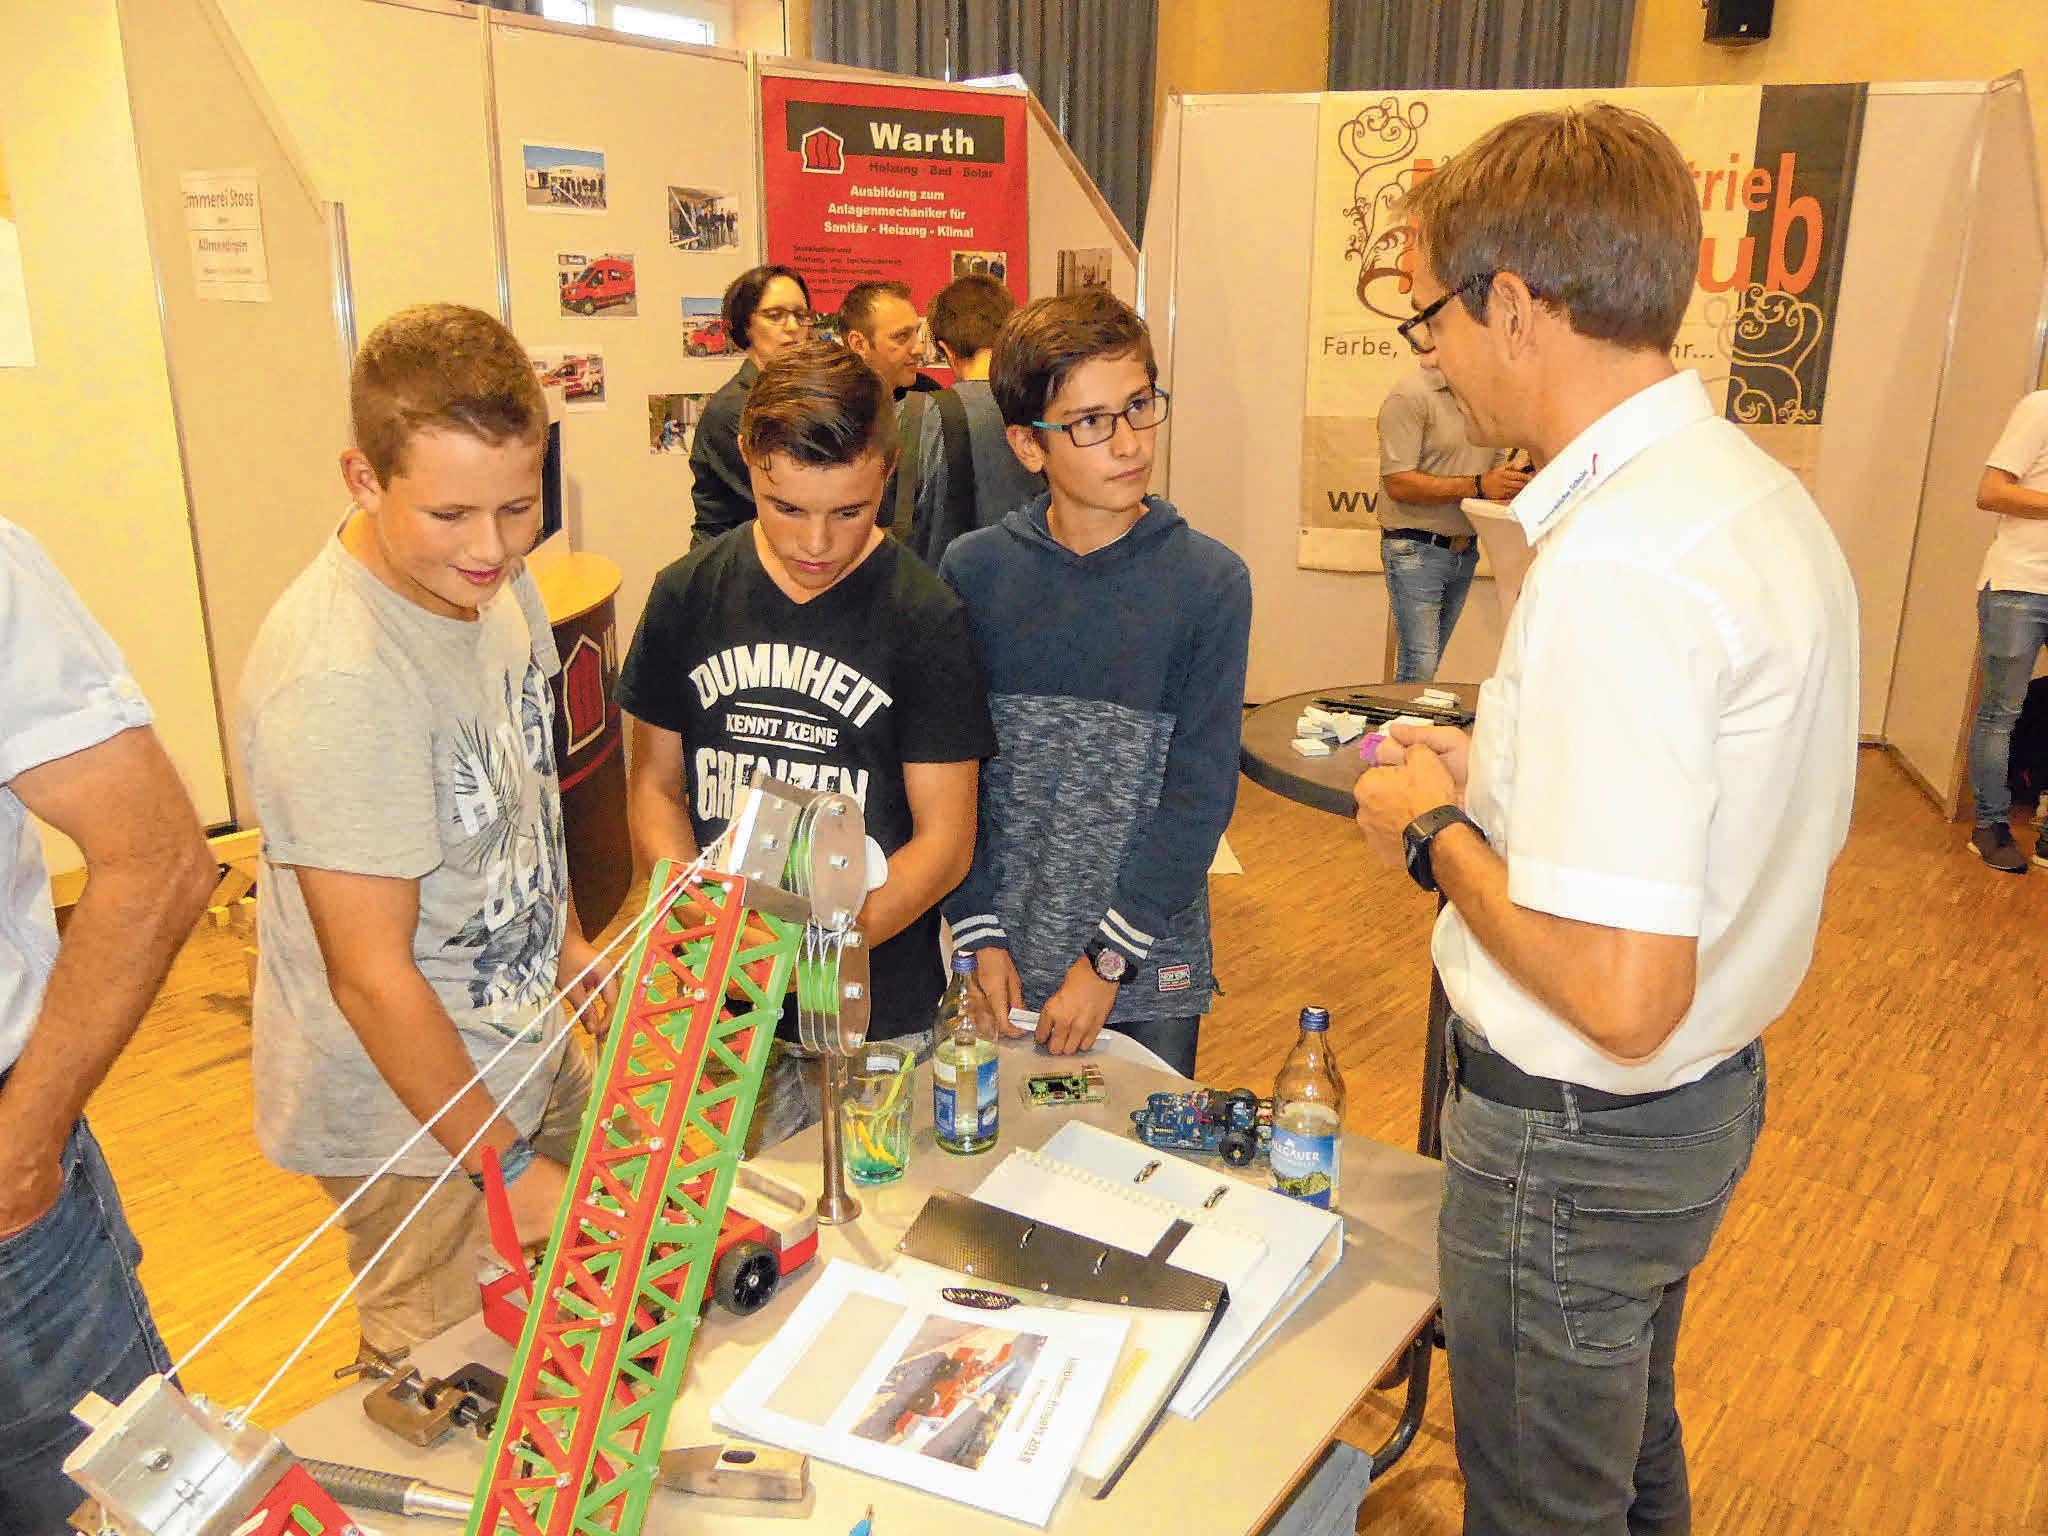 An praktischen Beispielen werden den Jugendlichen die verschiedenen Berufe erklärt.